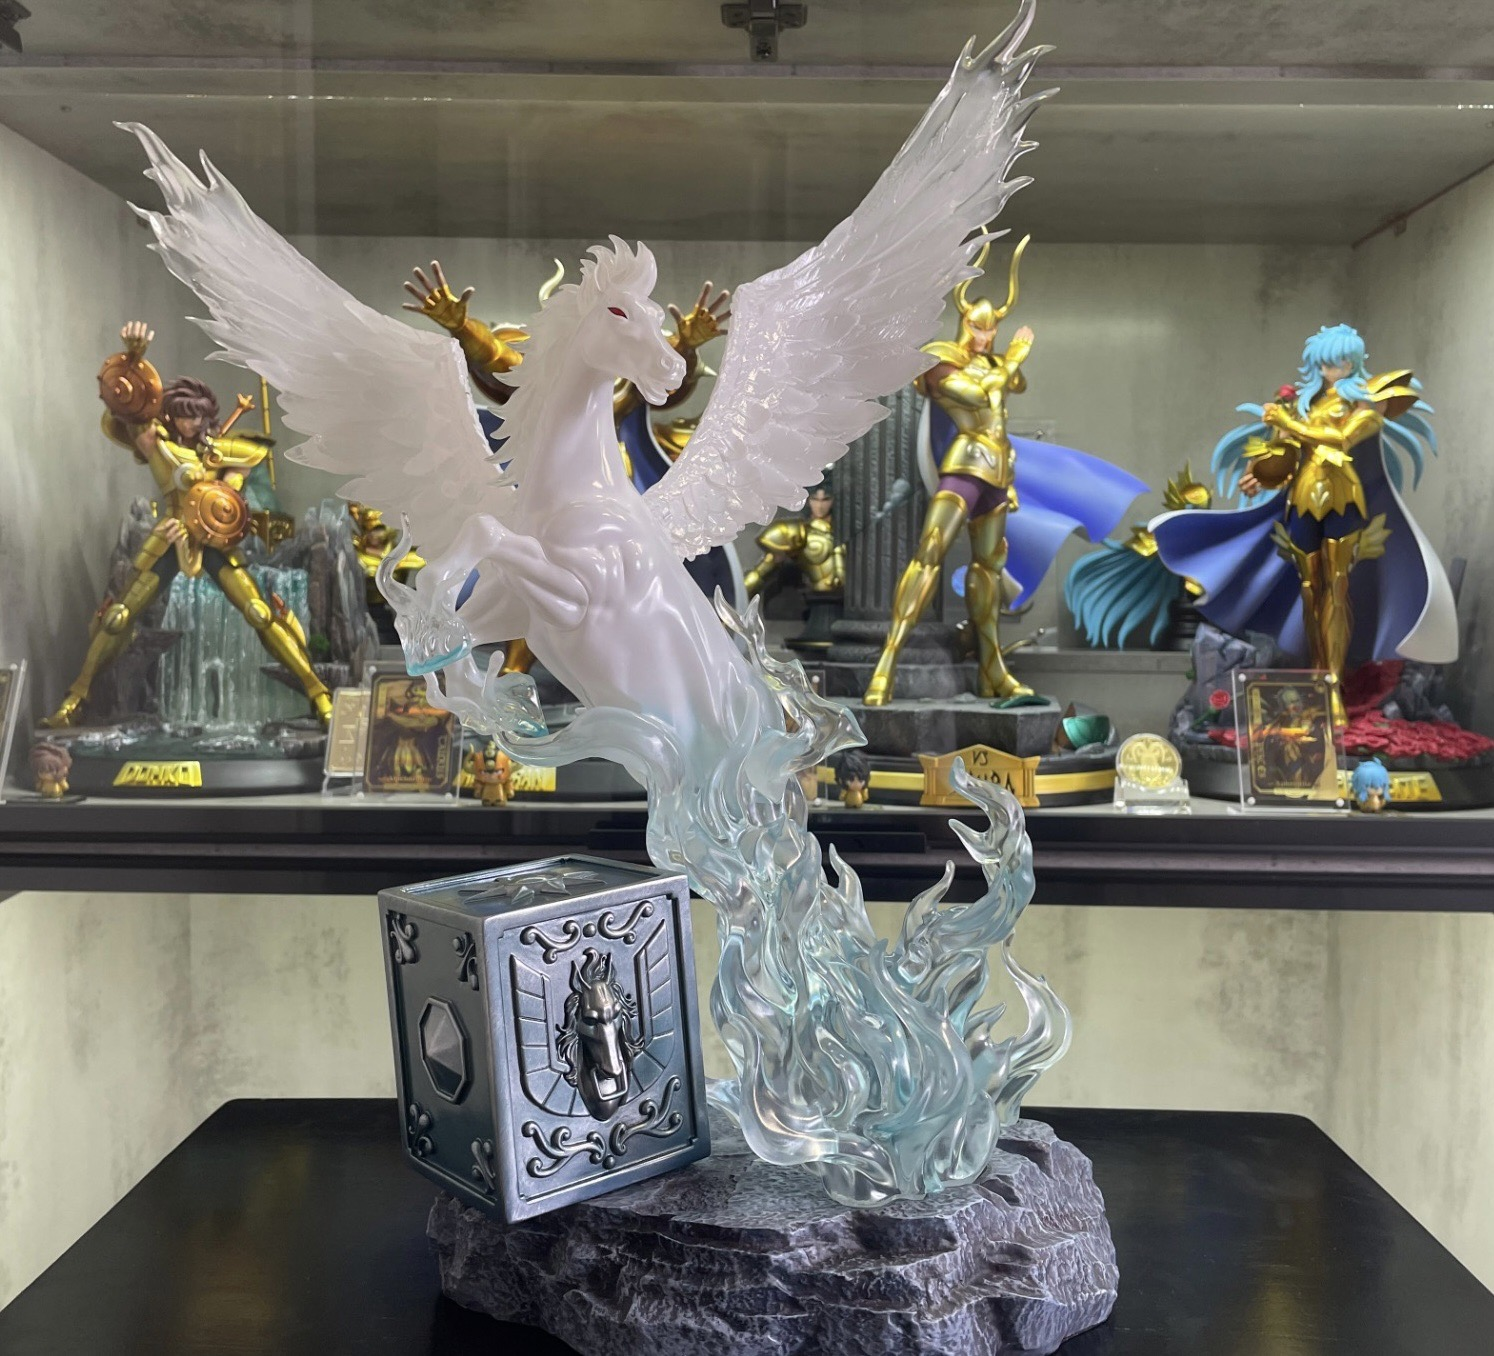 Pegasus เซย่า เพกาซัส by FOC Studio (มัดจำ) [[SOLD OUT]]